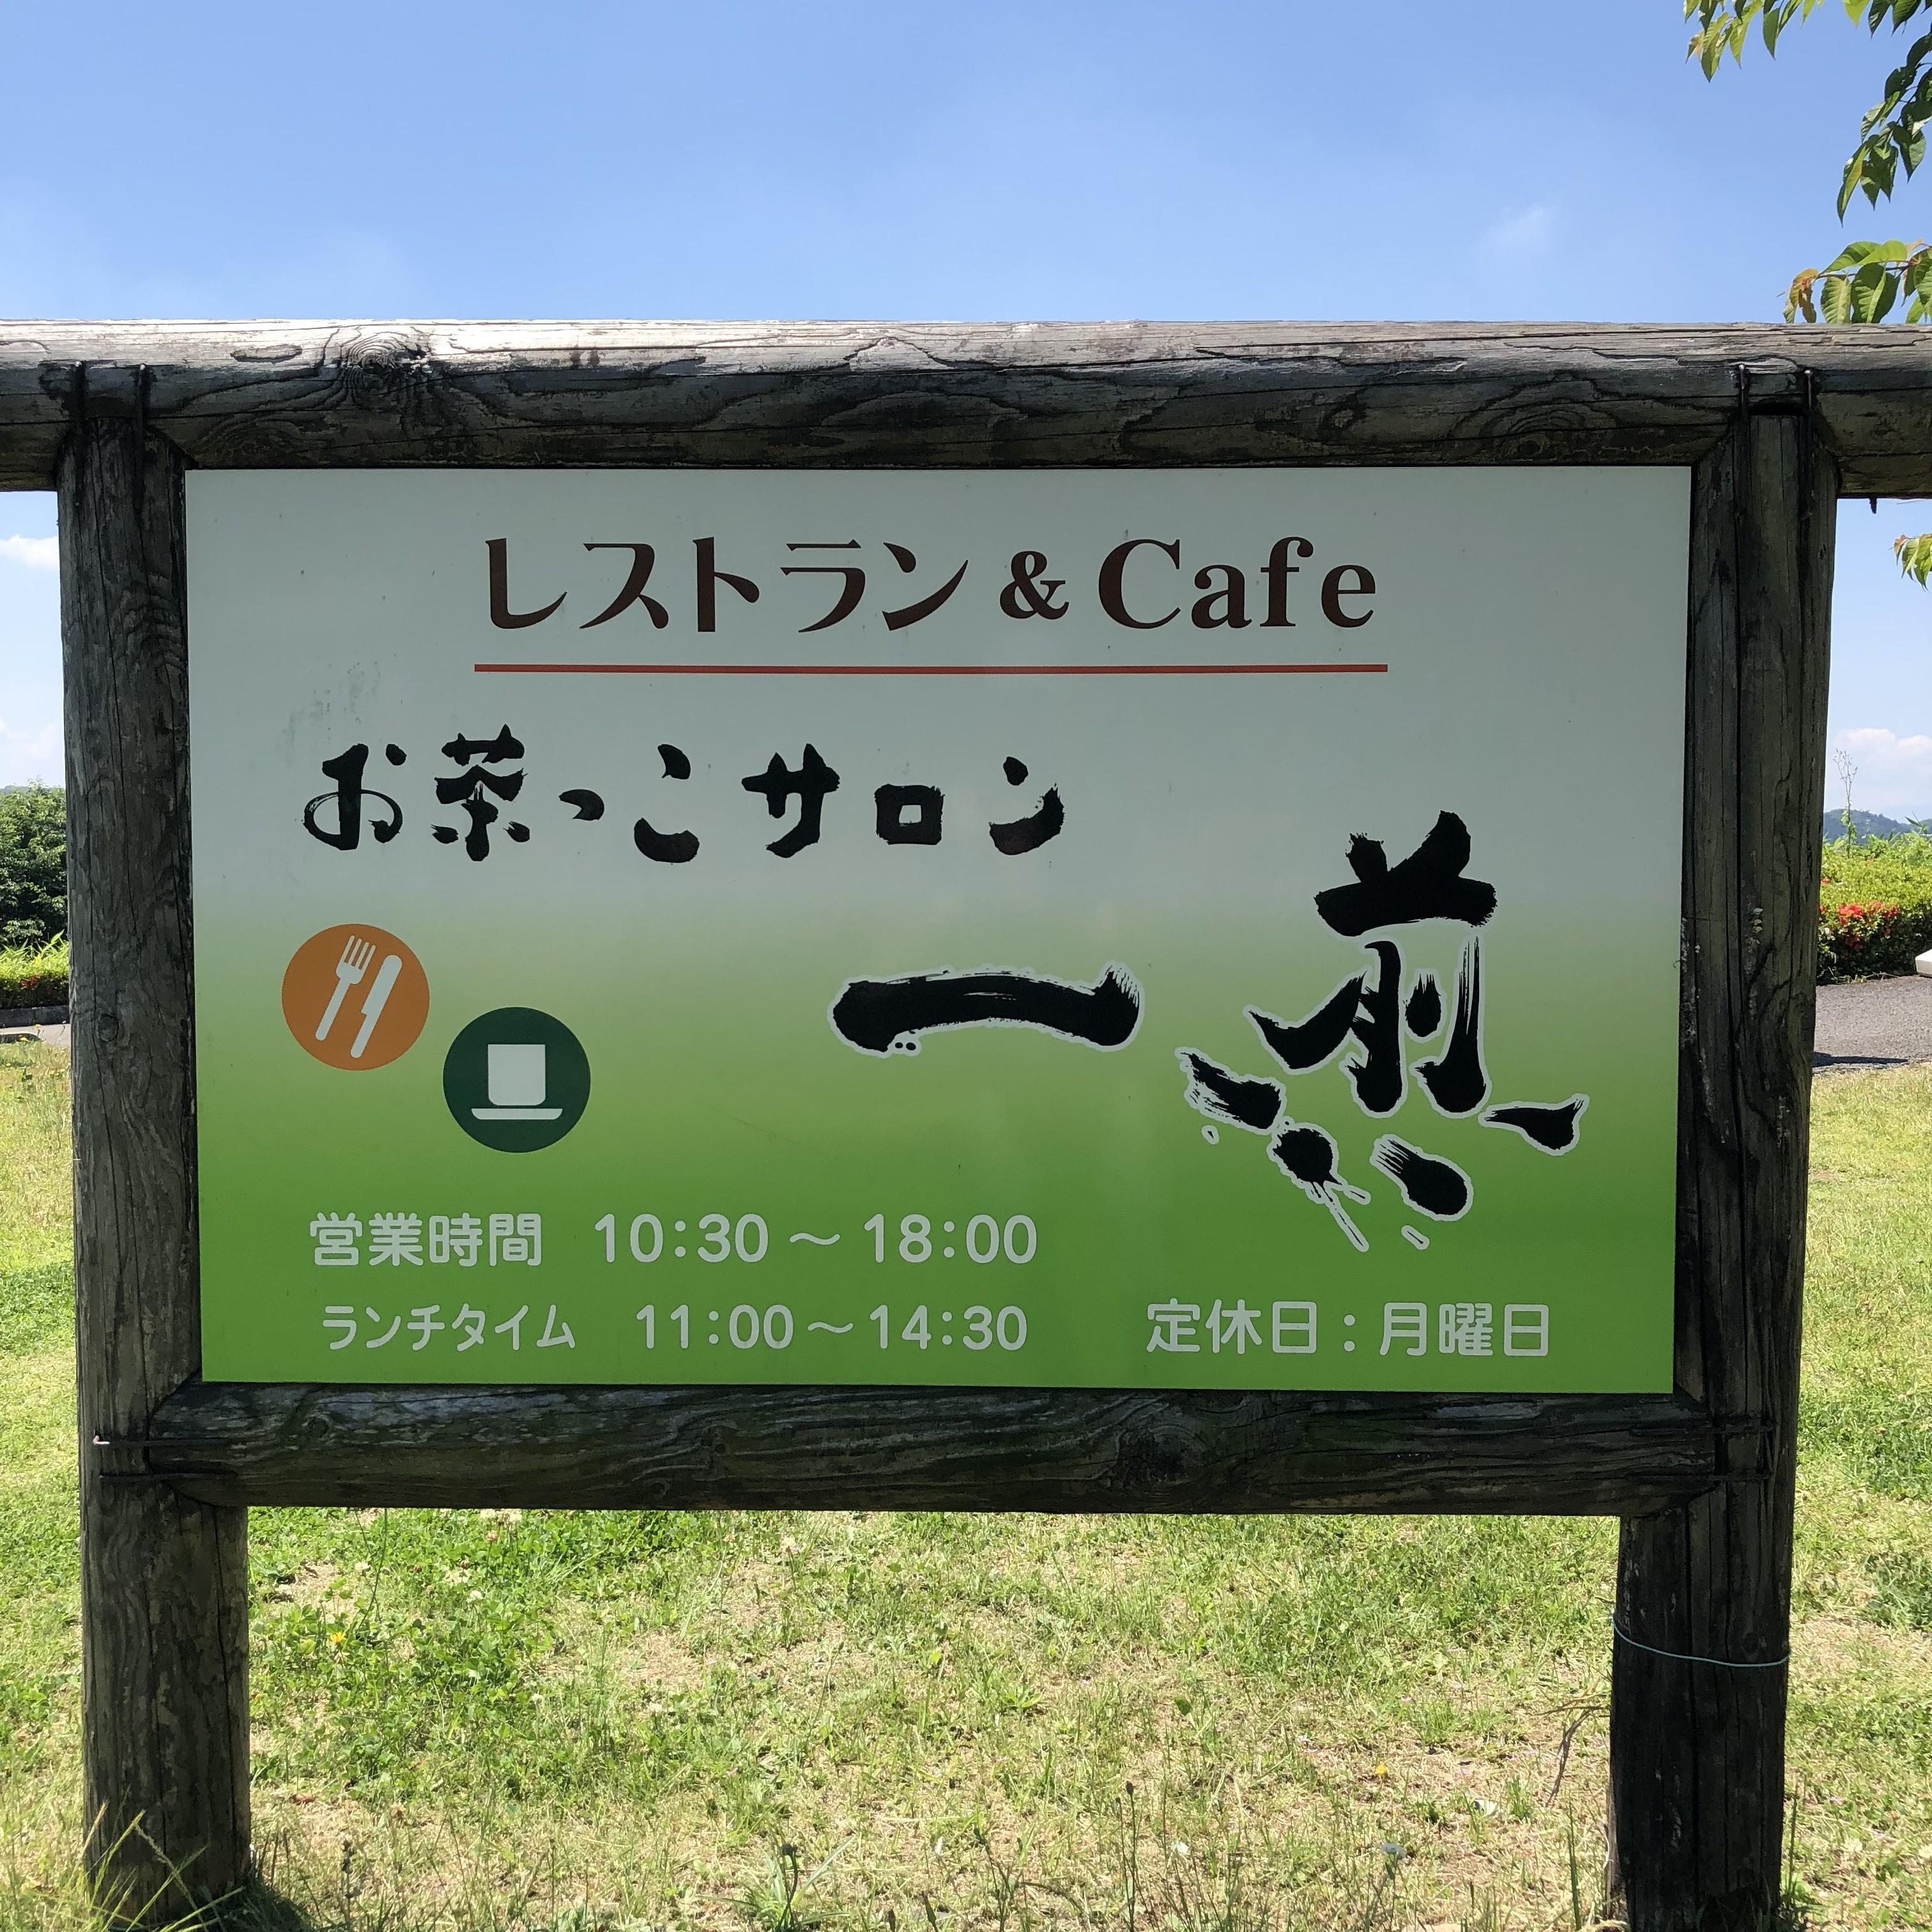 埼玉県入間市の博物館アリットにあるお茶のレストラン